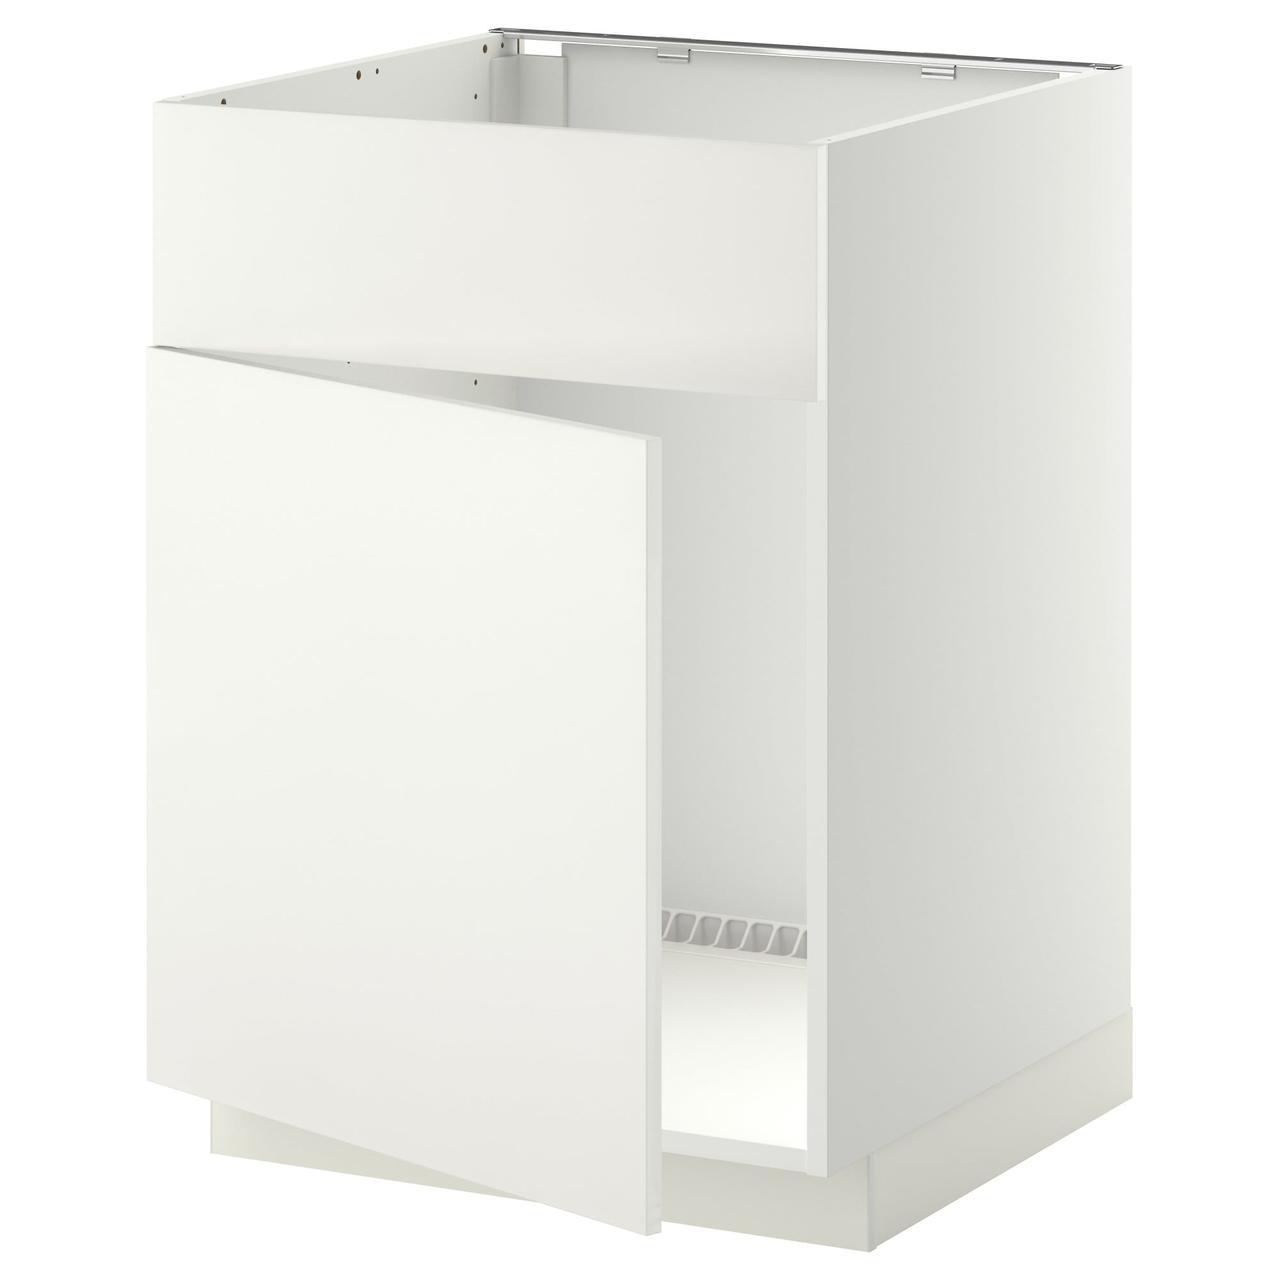 IKEA METOD ( 490.275.74)